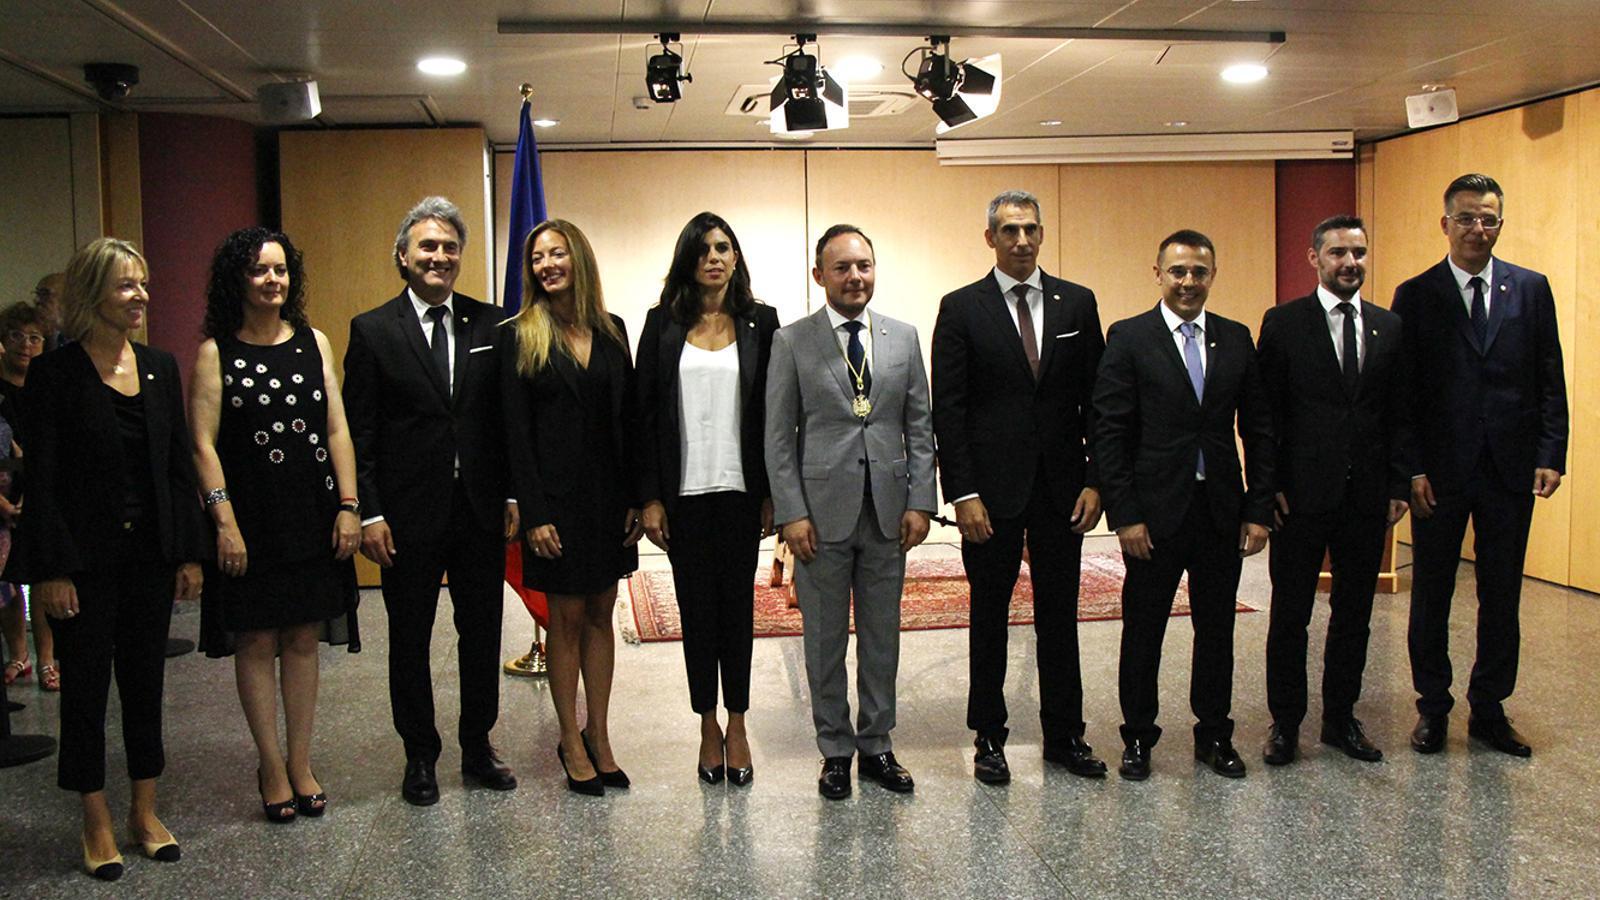 Els nous secretaris d'Estat després de la presa de possessió del càrrec, juntament amb el cap de Govern, Xavier Espot. / M. F. (ANA)